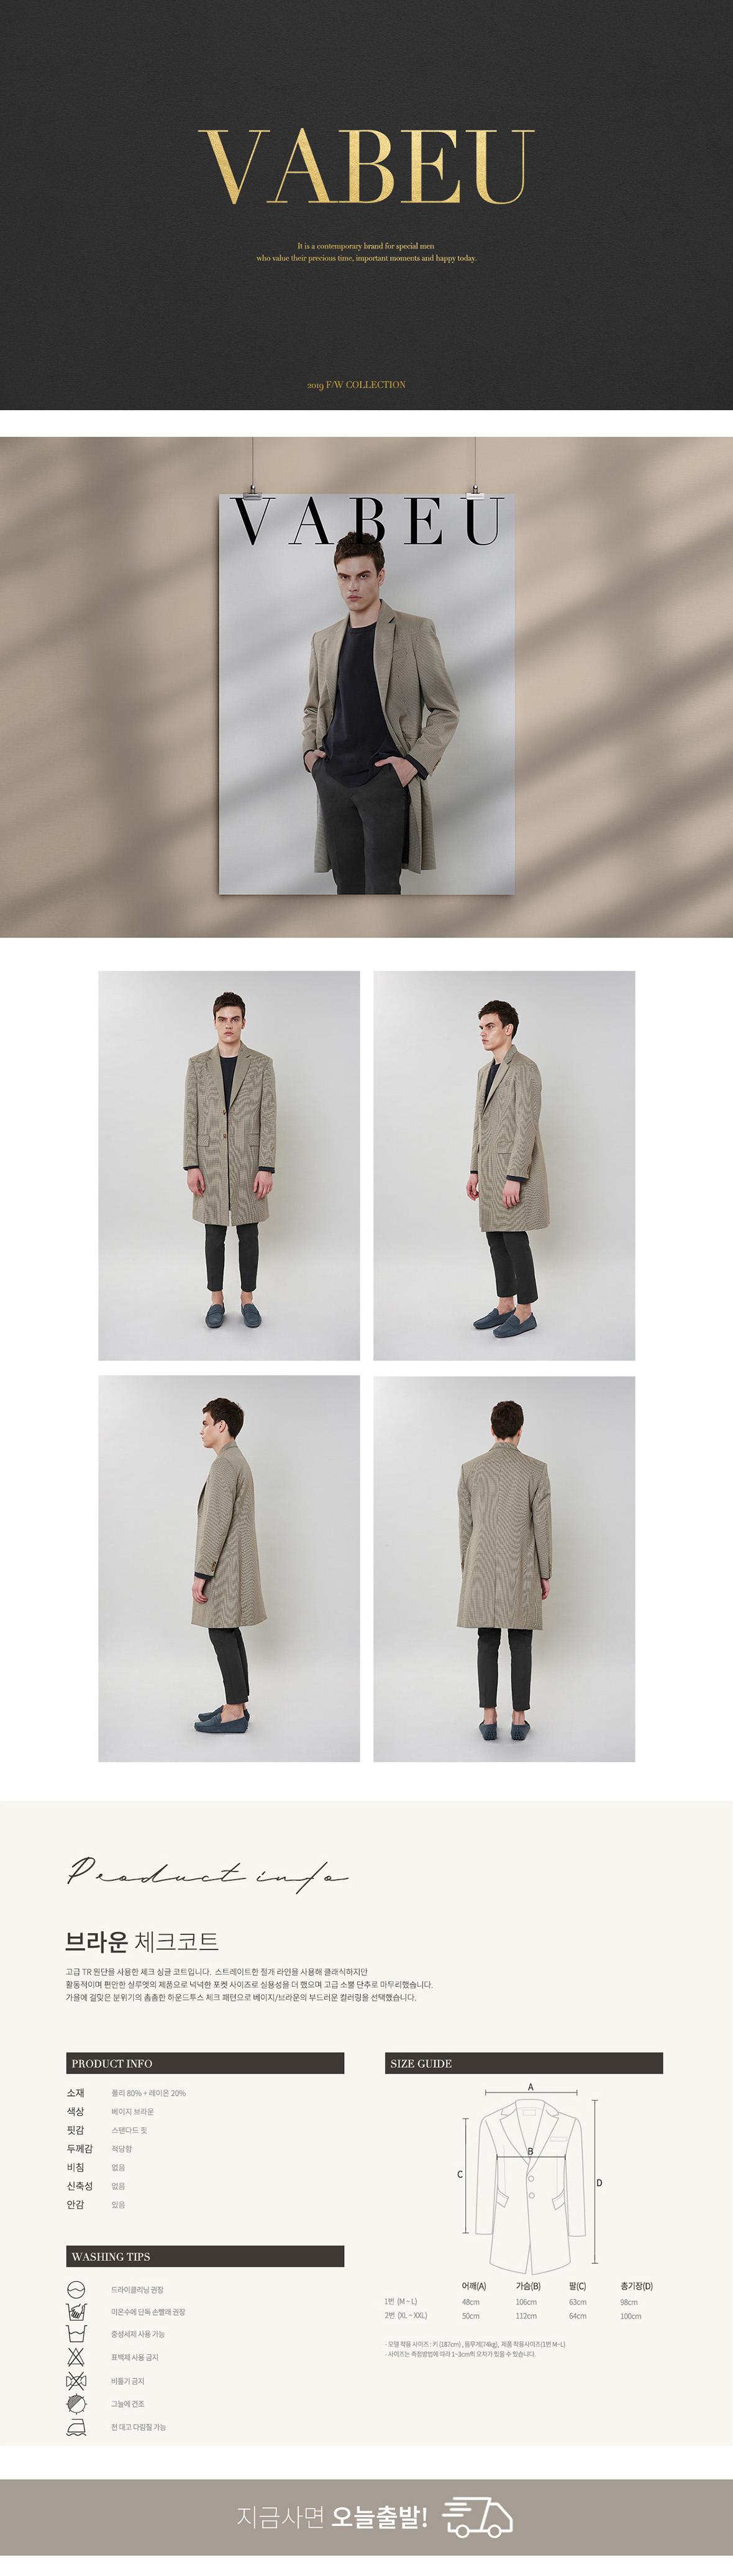 checkcoat_detail_1.jpg